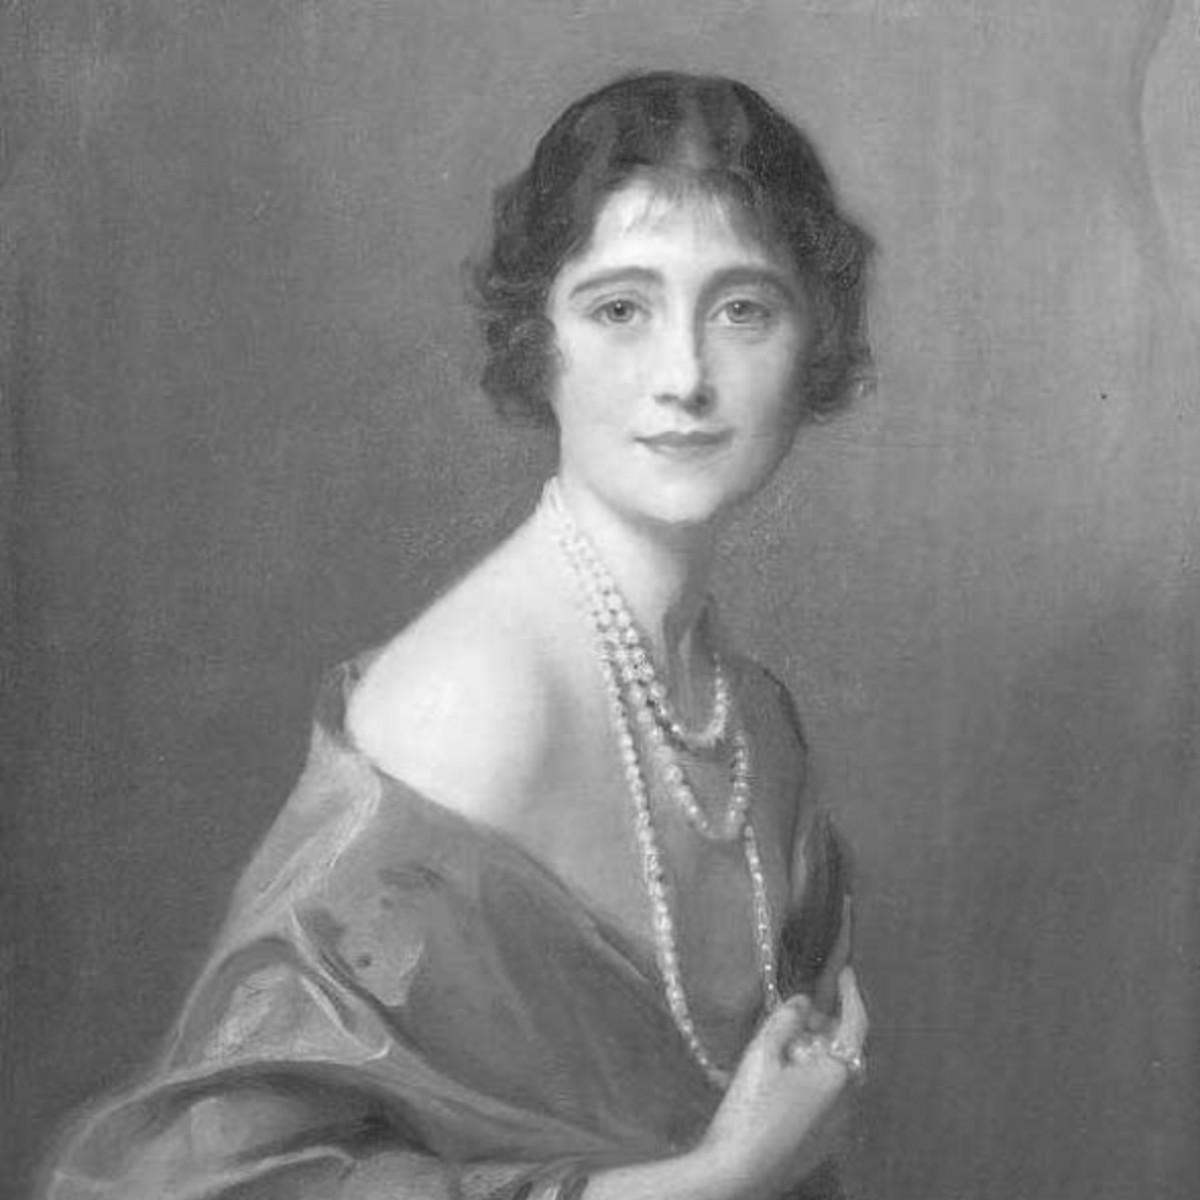 Queen Elizabeth was the wife of George VI and mother of Queen Elizabeth II.